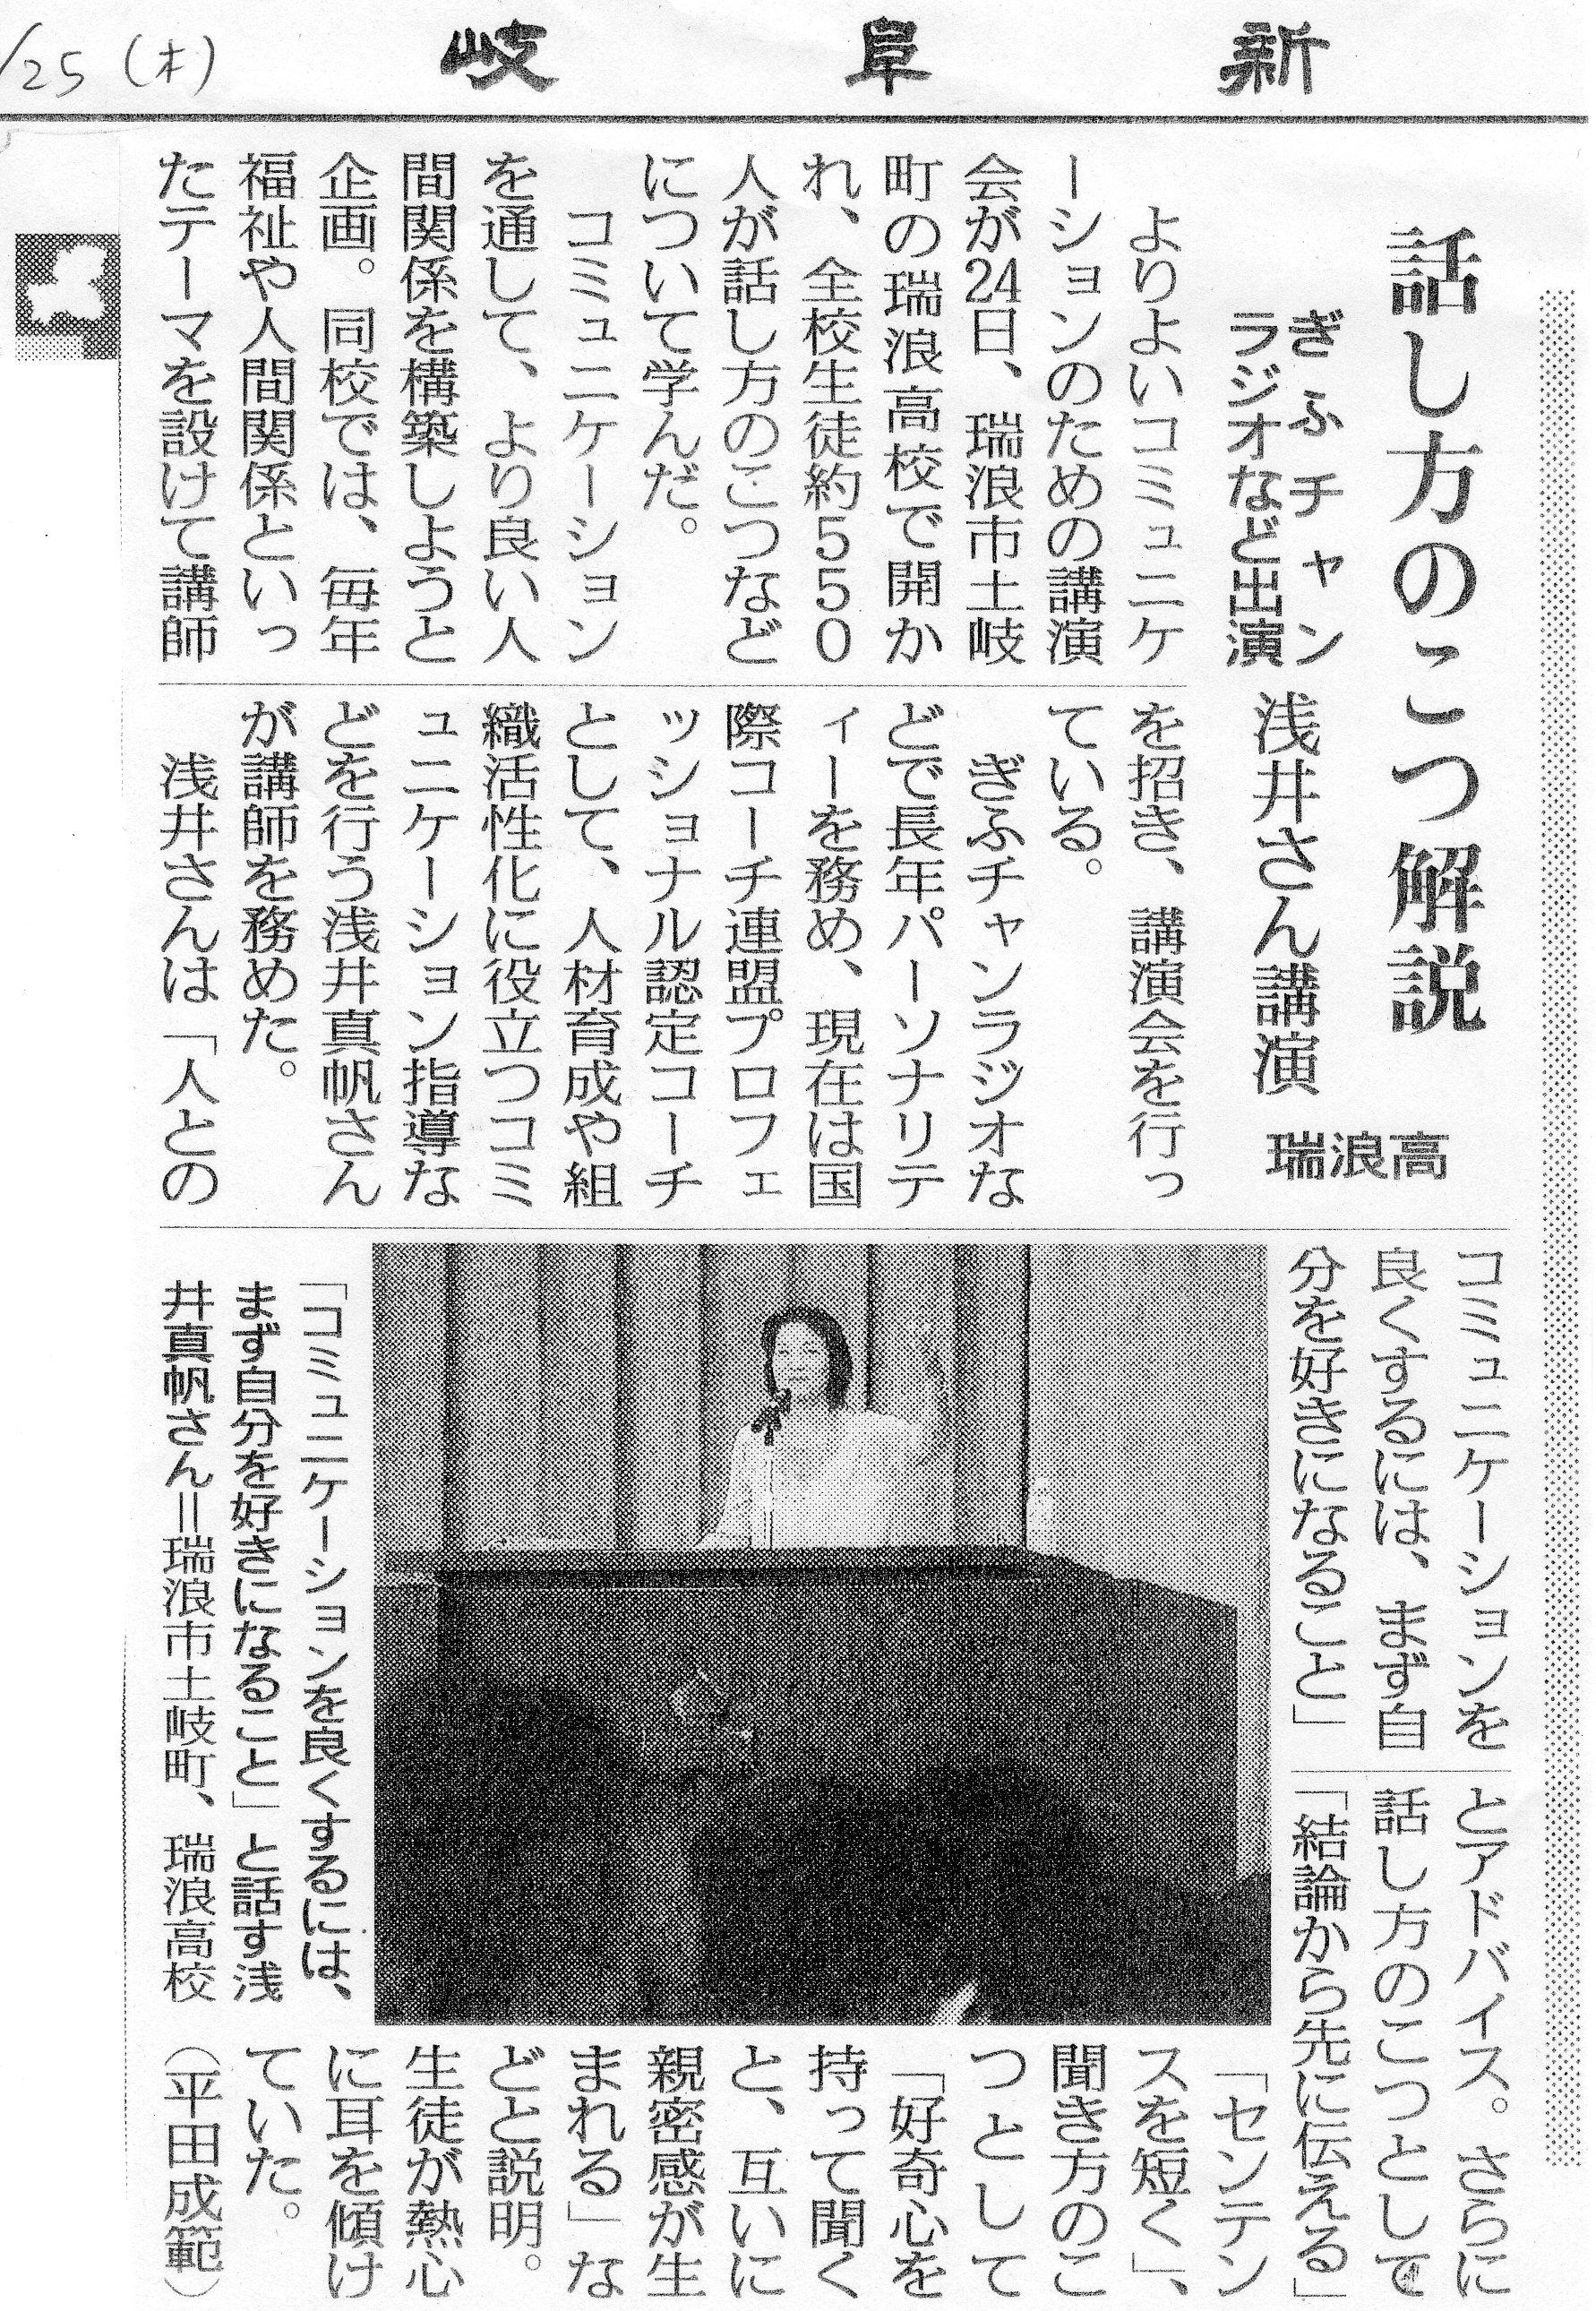 まちのエンジン 風媒社 激安価格: 三井浦幌のブログ